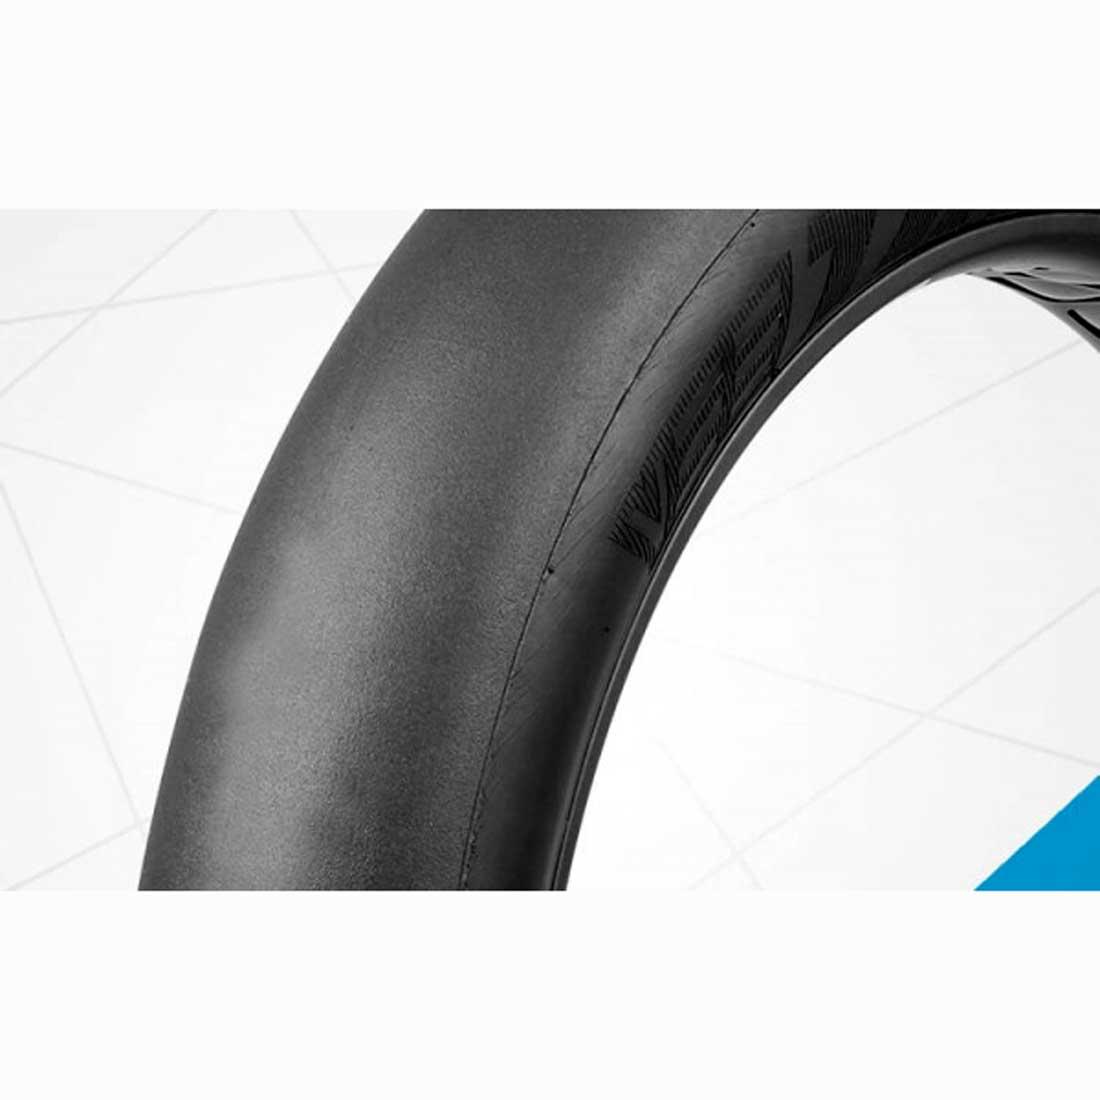 【VEE RUBBER ファットタイヤ】VEE APACHE FATTY SLICK 26×4.5自転車 ファットバイク 26インチ タイヤ VEE Apache Fatty Slick